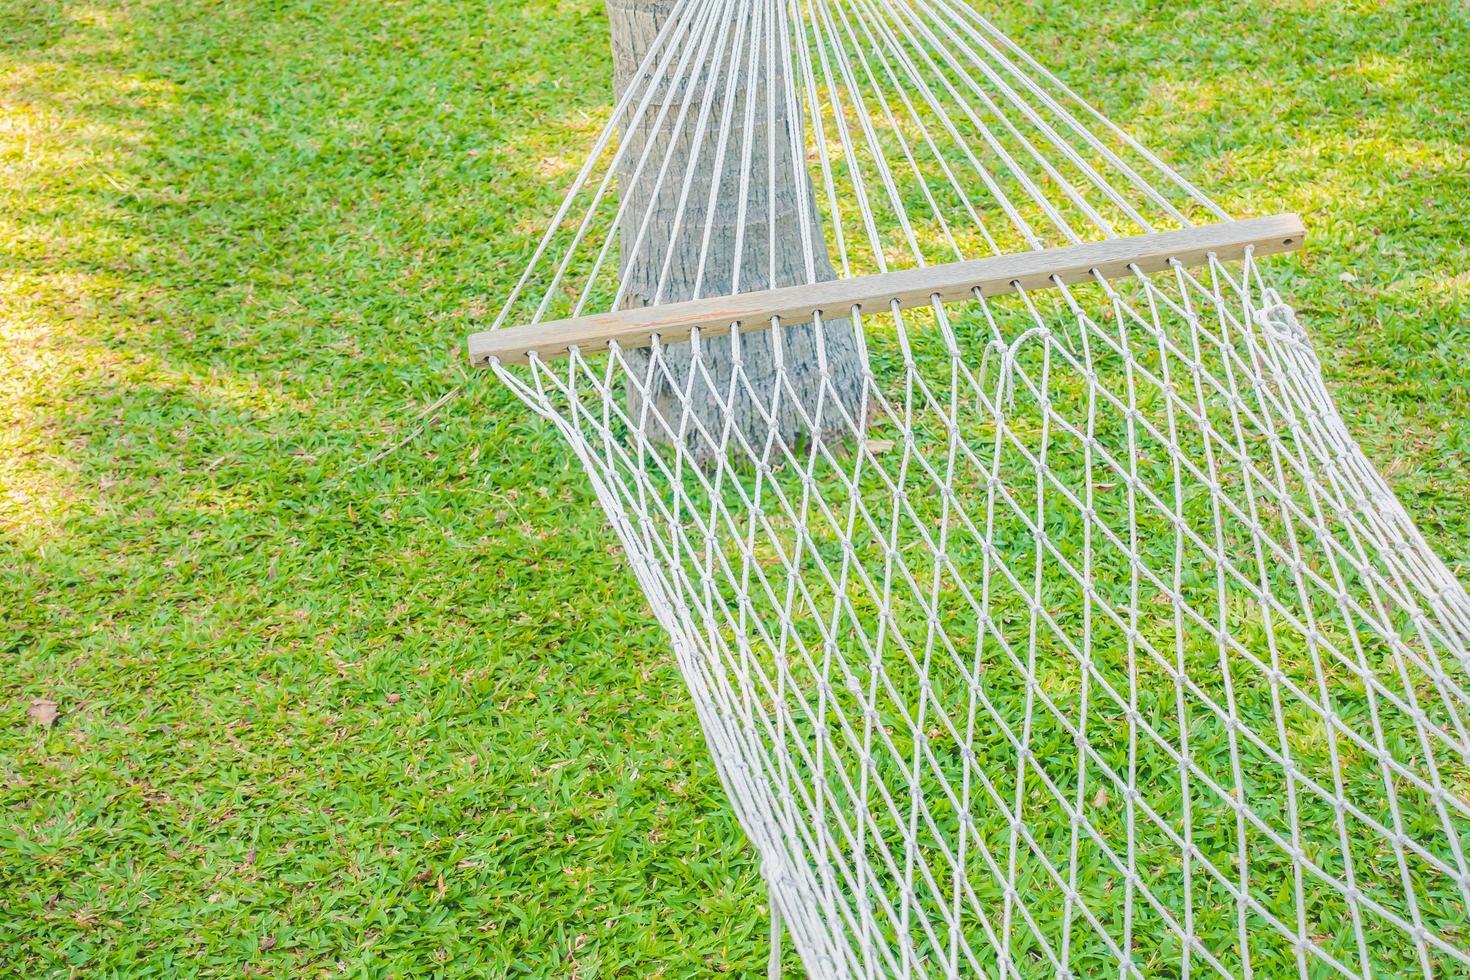 tom hängmatta i trädgården foto